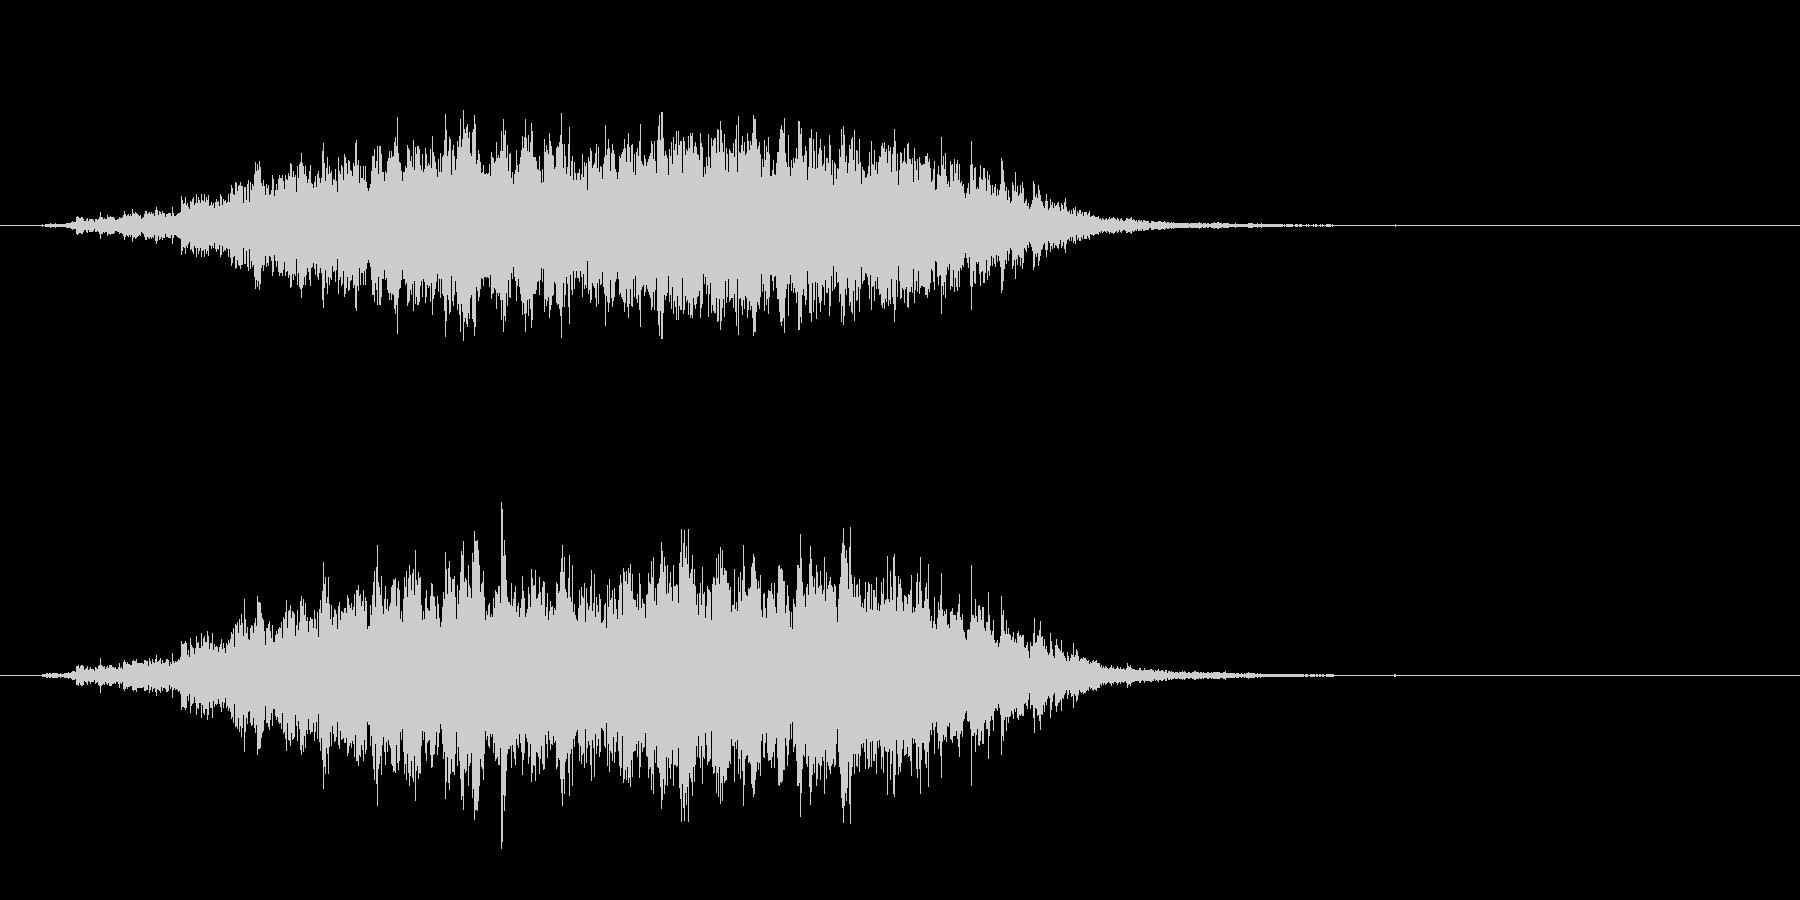 重めの鈴の音「えきろ」フレーズ音2+Fxの未再生の波形